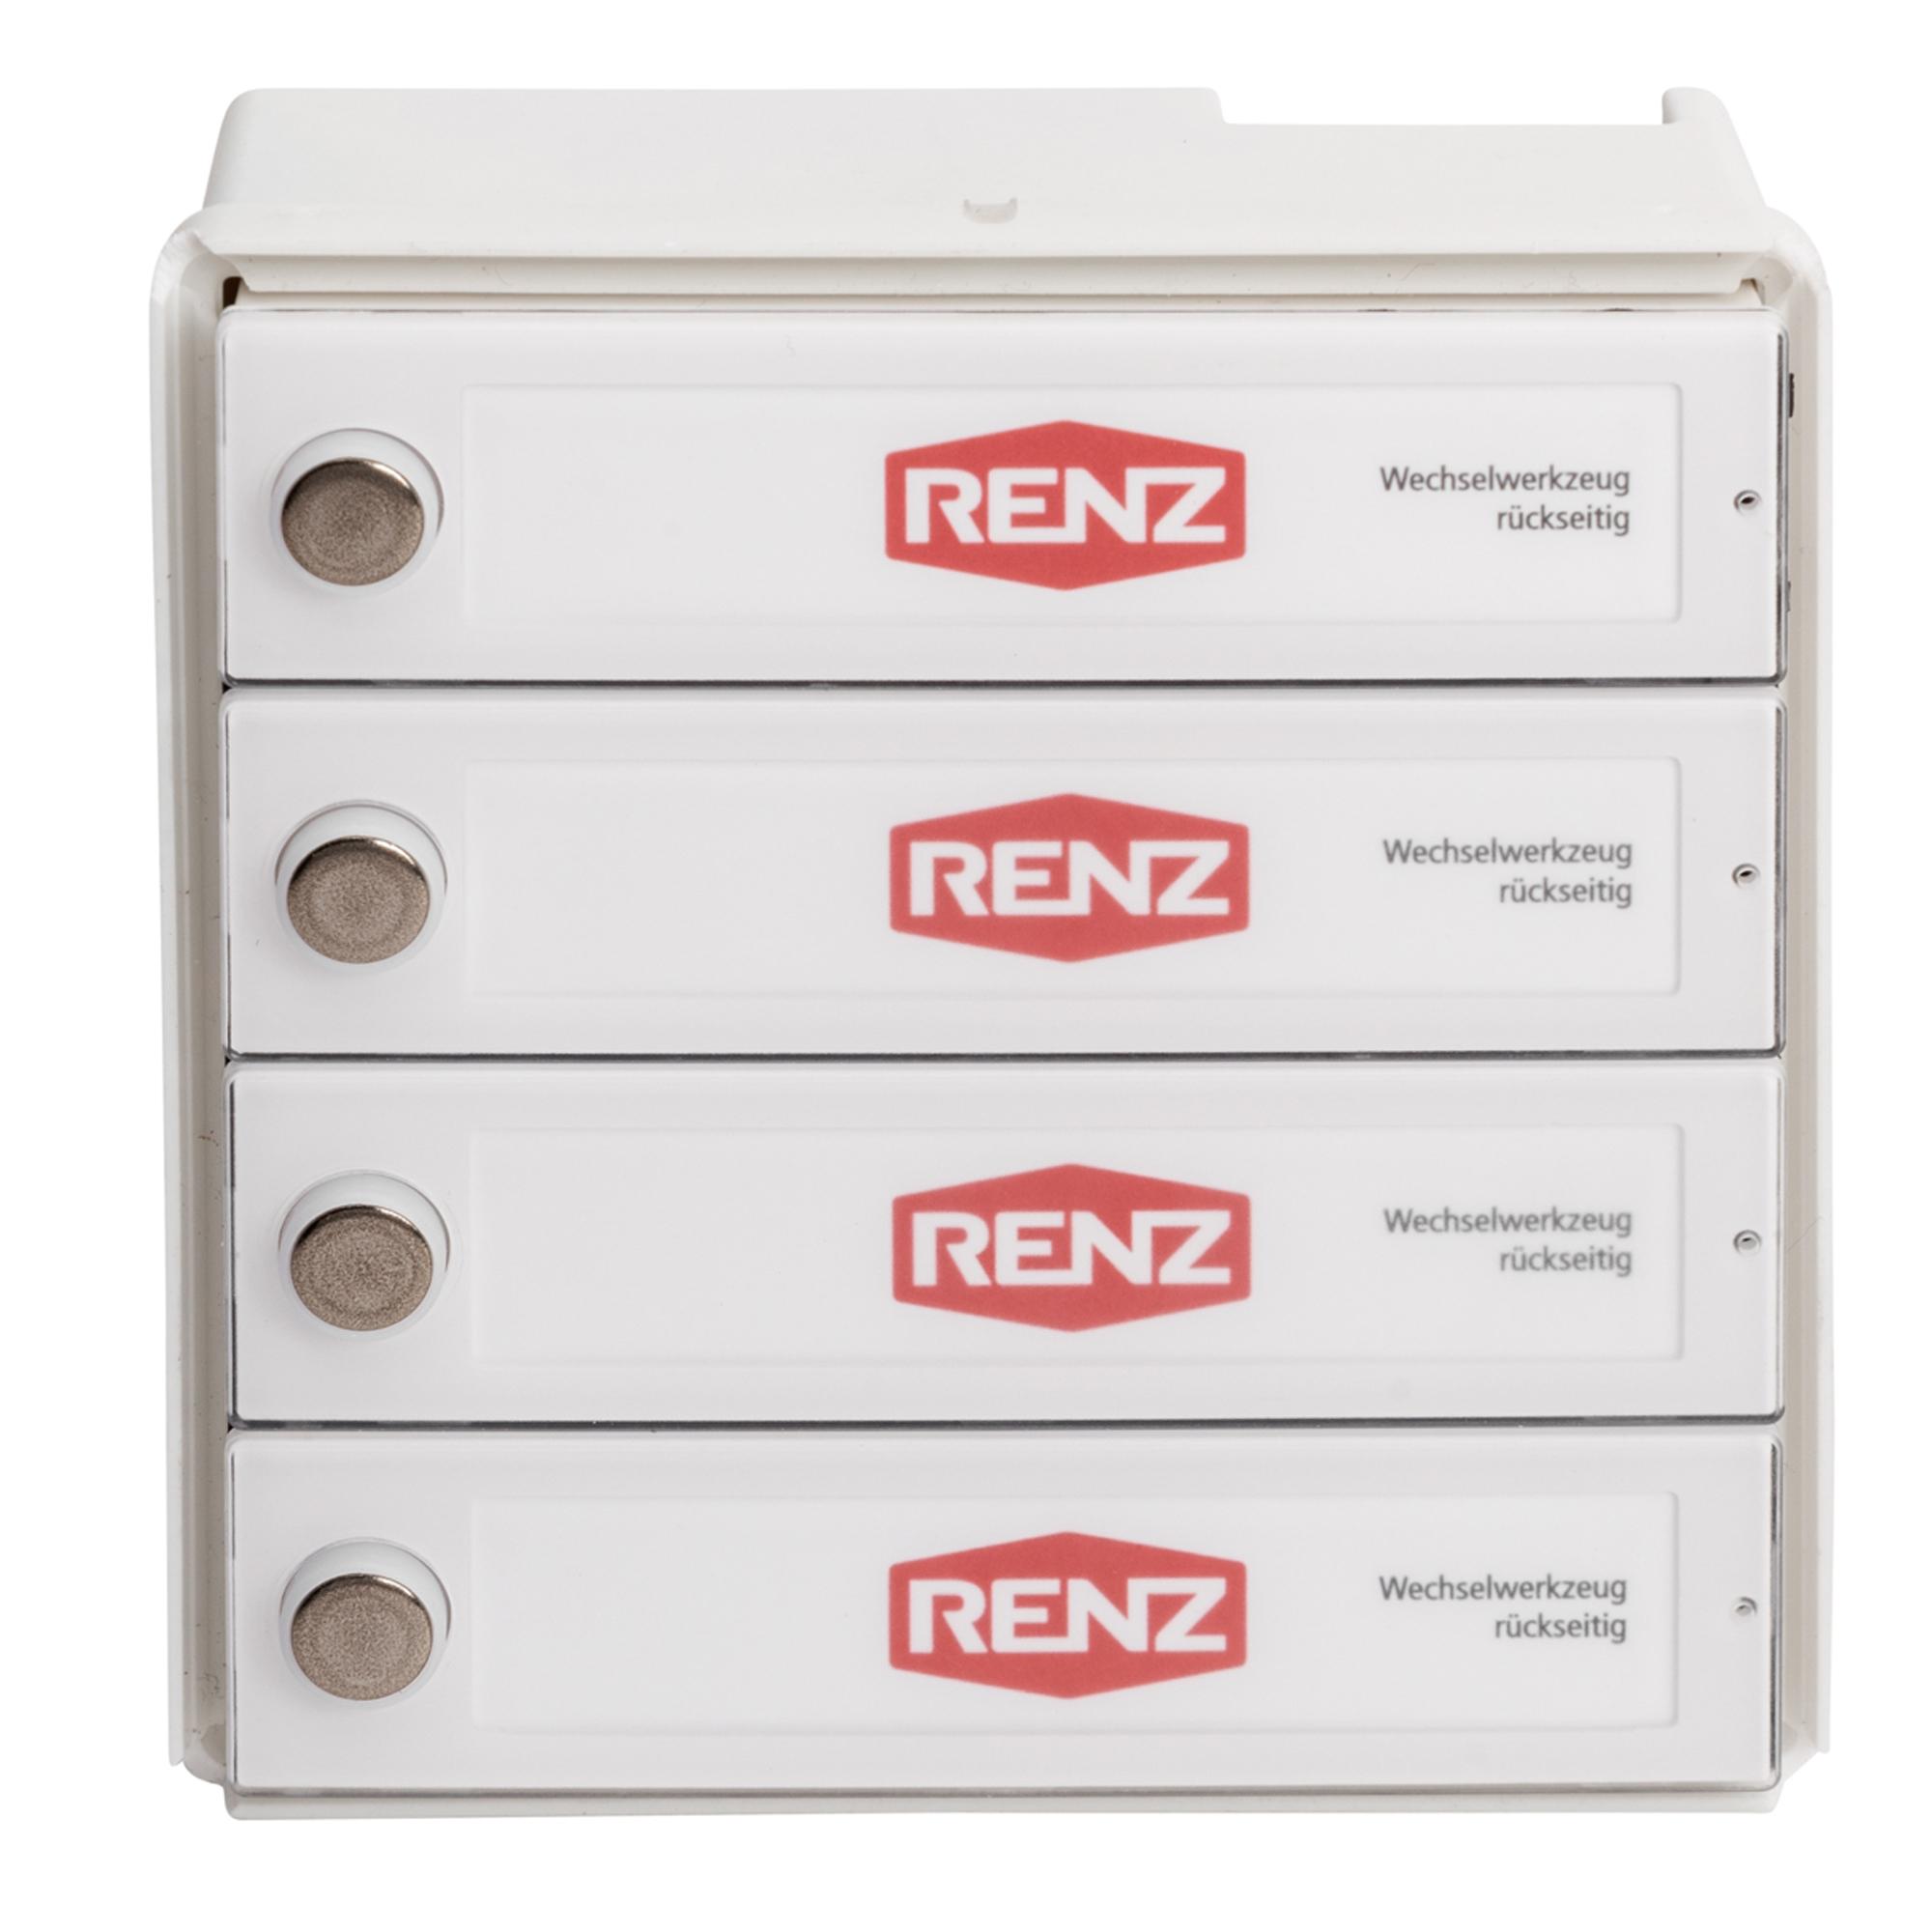 RENZ Tastenmodul RSA2 kompakt - 4 Klingeltaster 97-9-85329